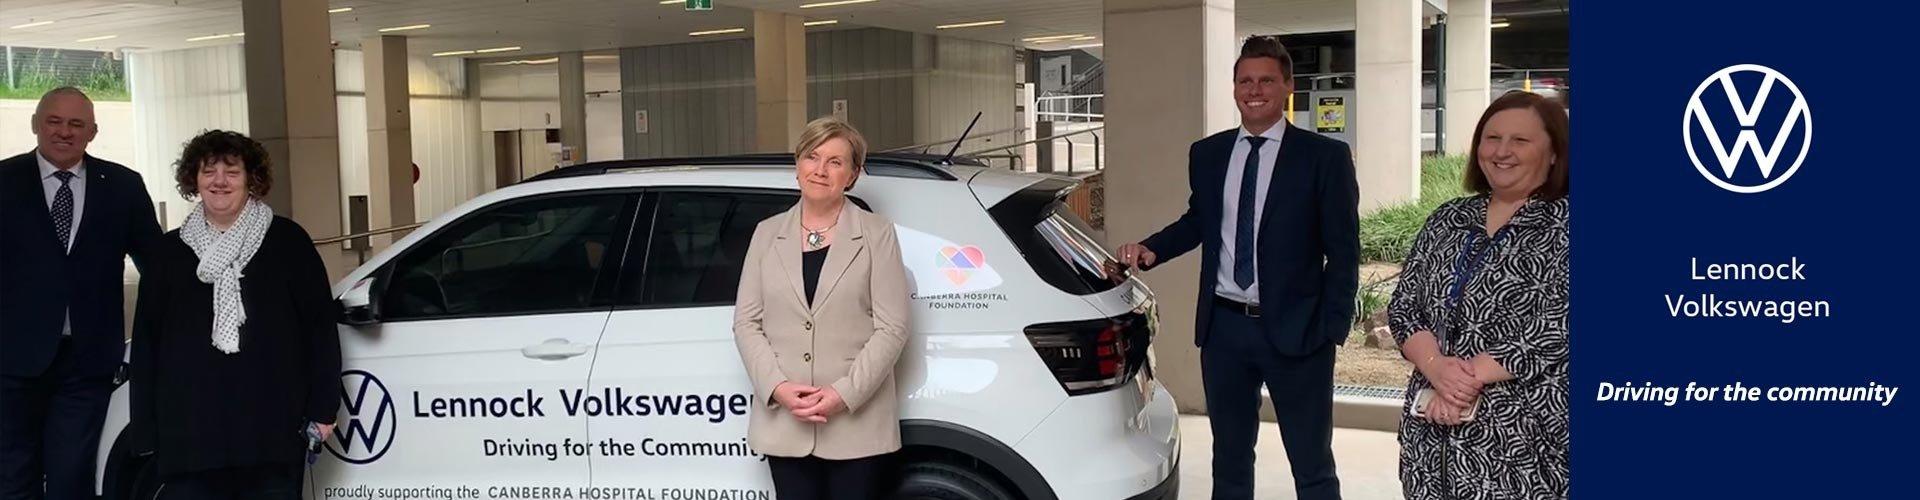 Lennock Volkswagen Community